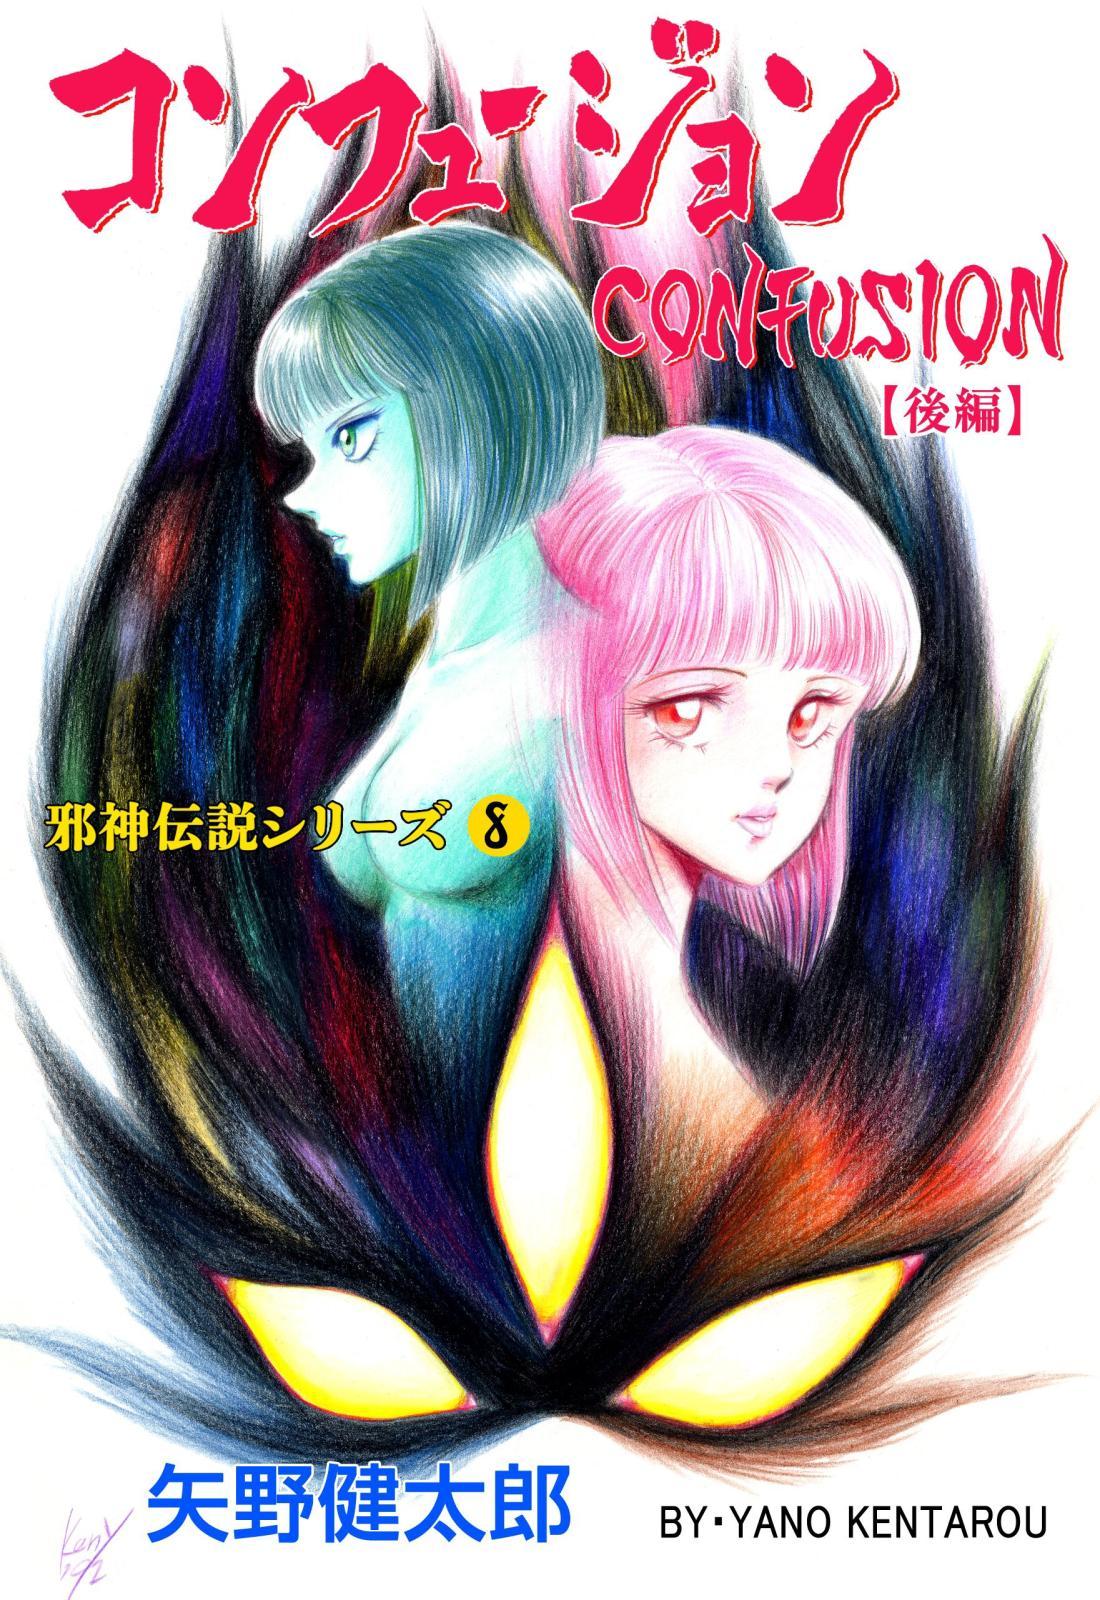 邪神伝説シリーズ 8 コンフュージョン【後編】